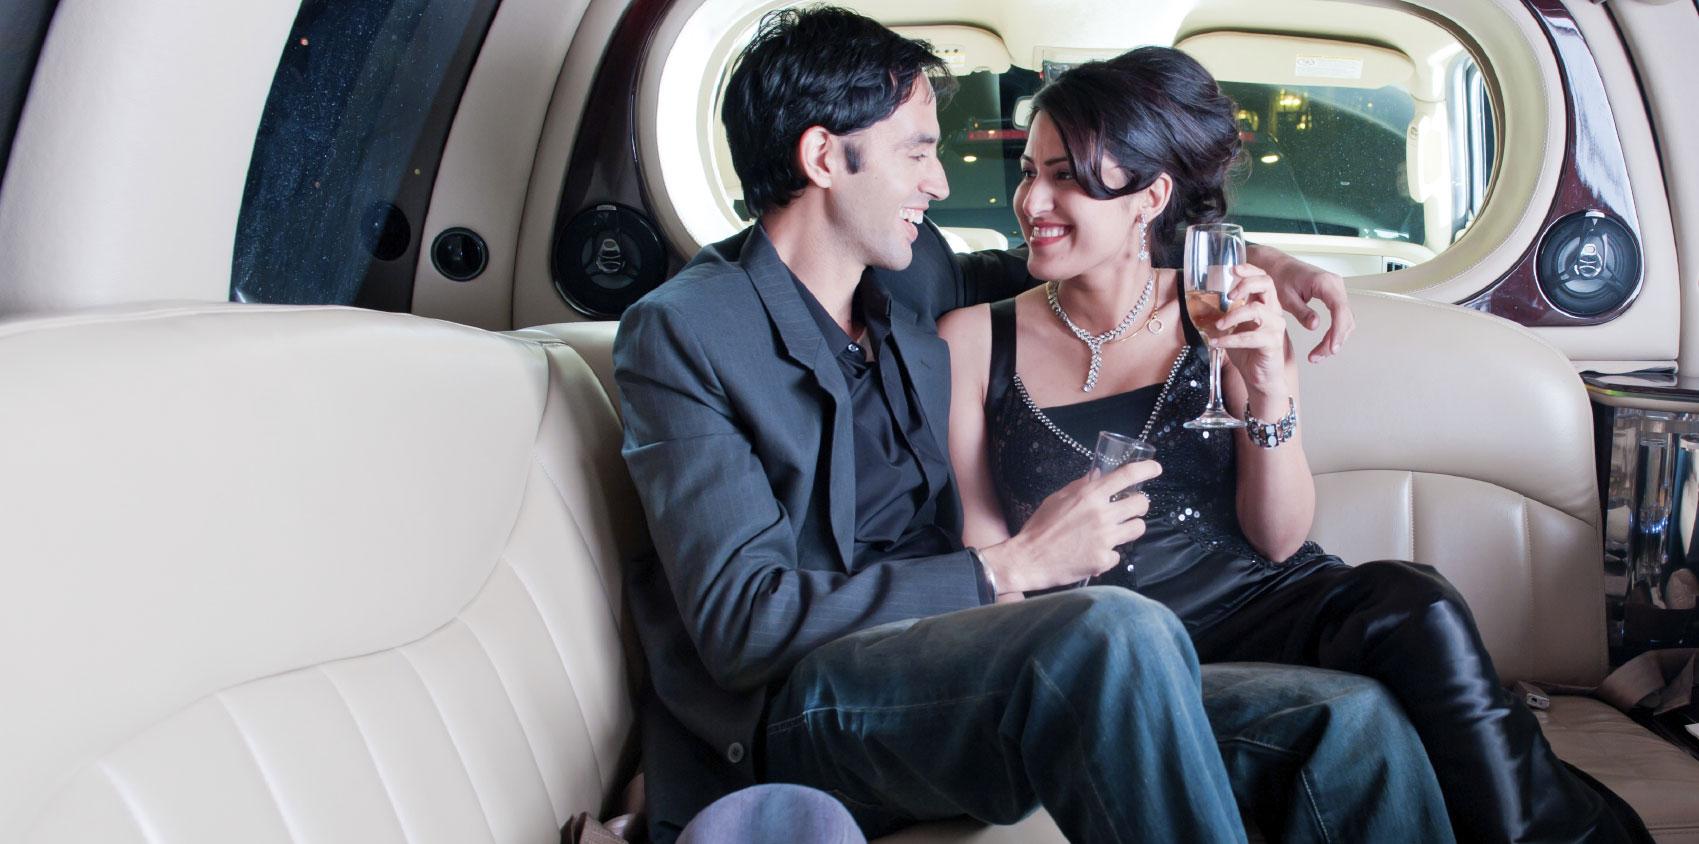 Engagement Limousine Vancouver | Engagement Limo Vancouver | Engagement Limousine Service Vancouver | Ace Hire car